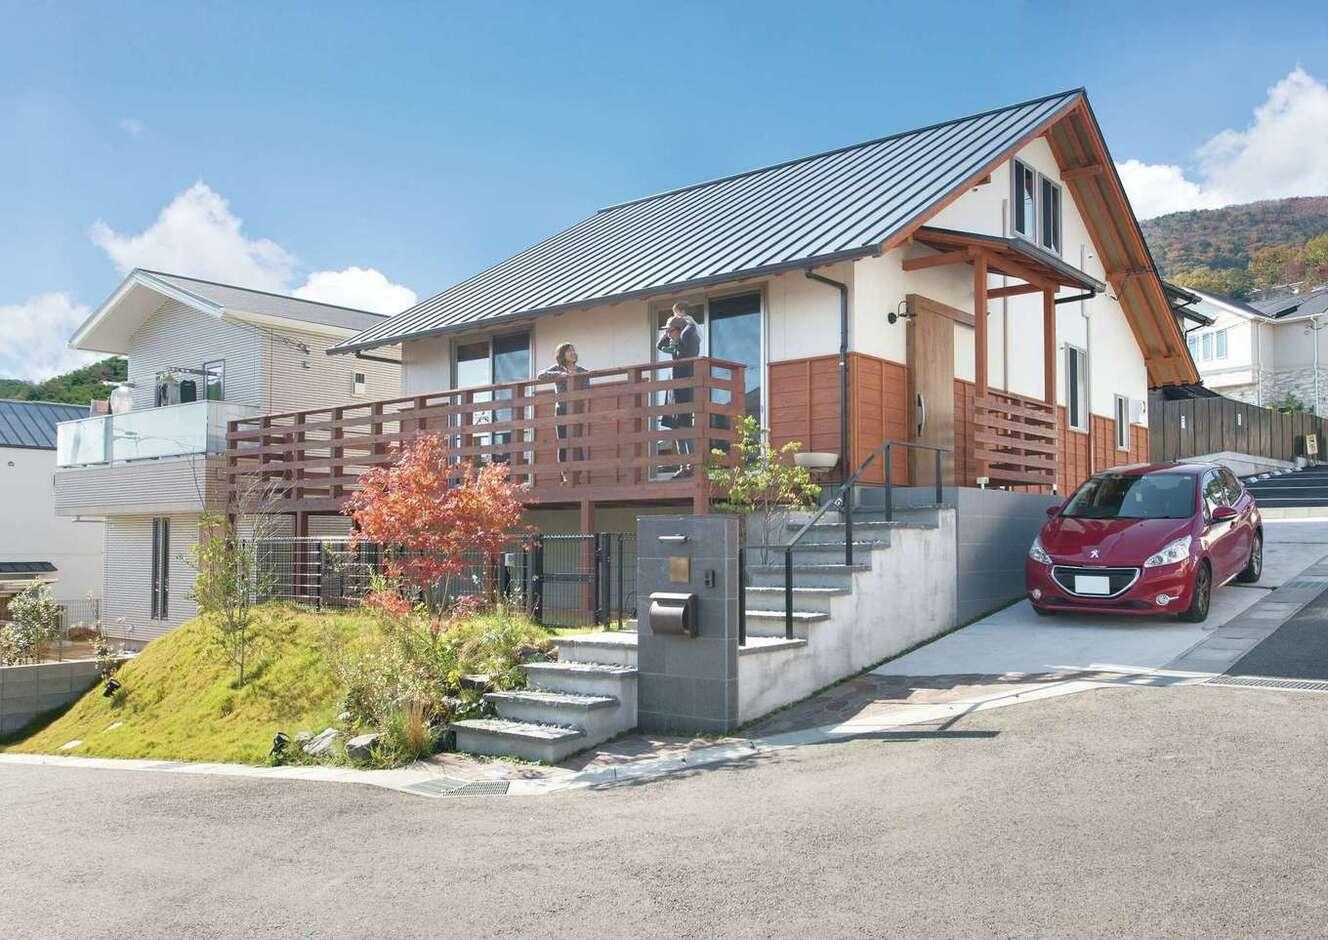 サイエンスホーム甲府店・笛吹店【デザイン住宅、自然素材、平屋】ユニークな地形を活かして建てたM邸は別荘のような素敵な佇まい。日本建築伝統の切妻屋根、外壁の杉板の鎧張りがさり気なく個性を主張している